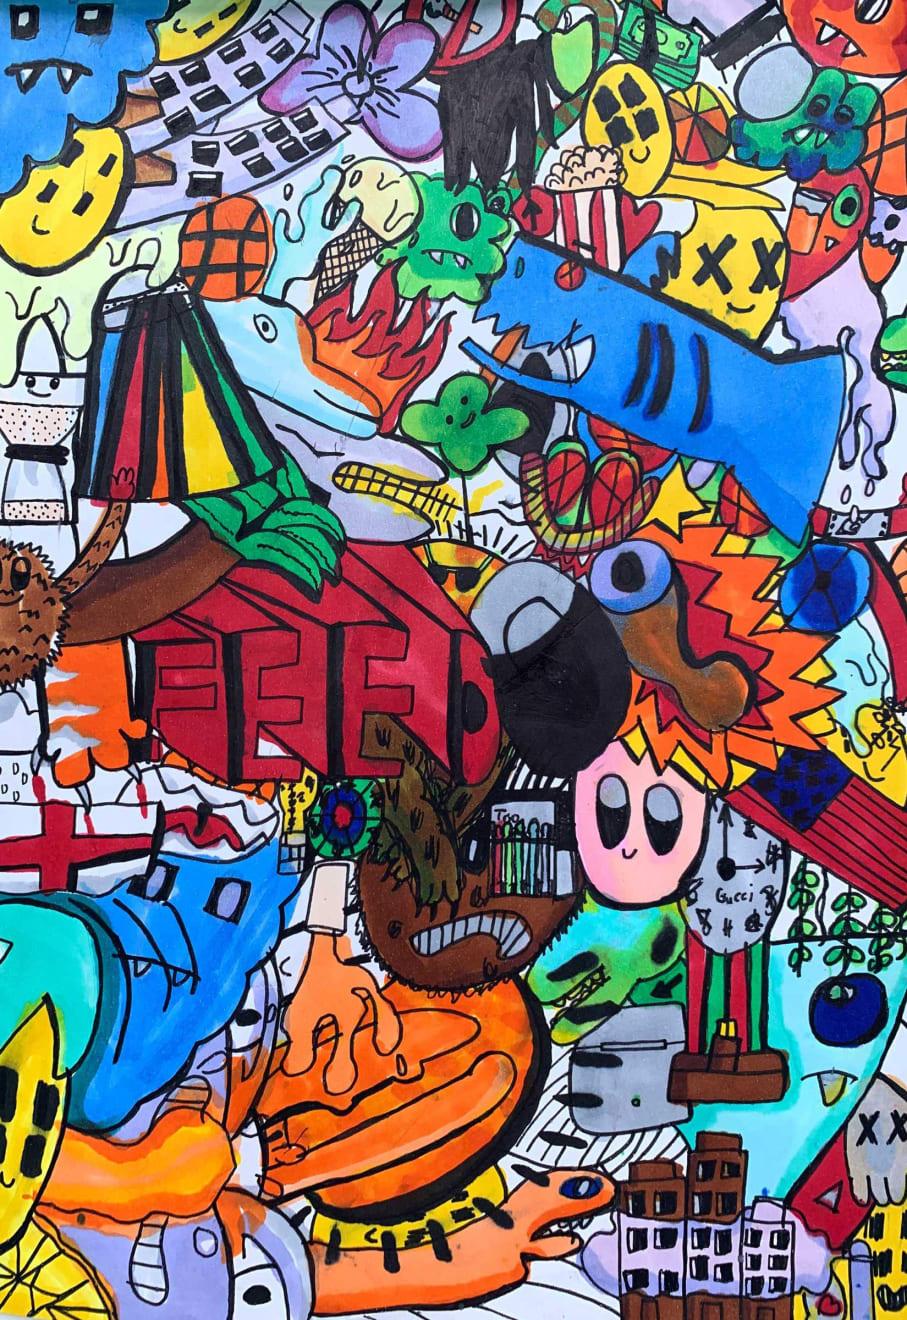 Oscar Orsler, Age, 10, Doodles